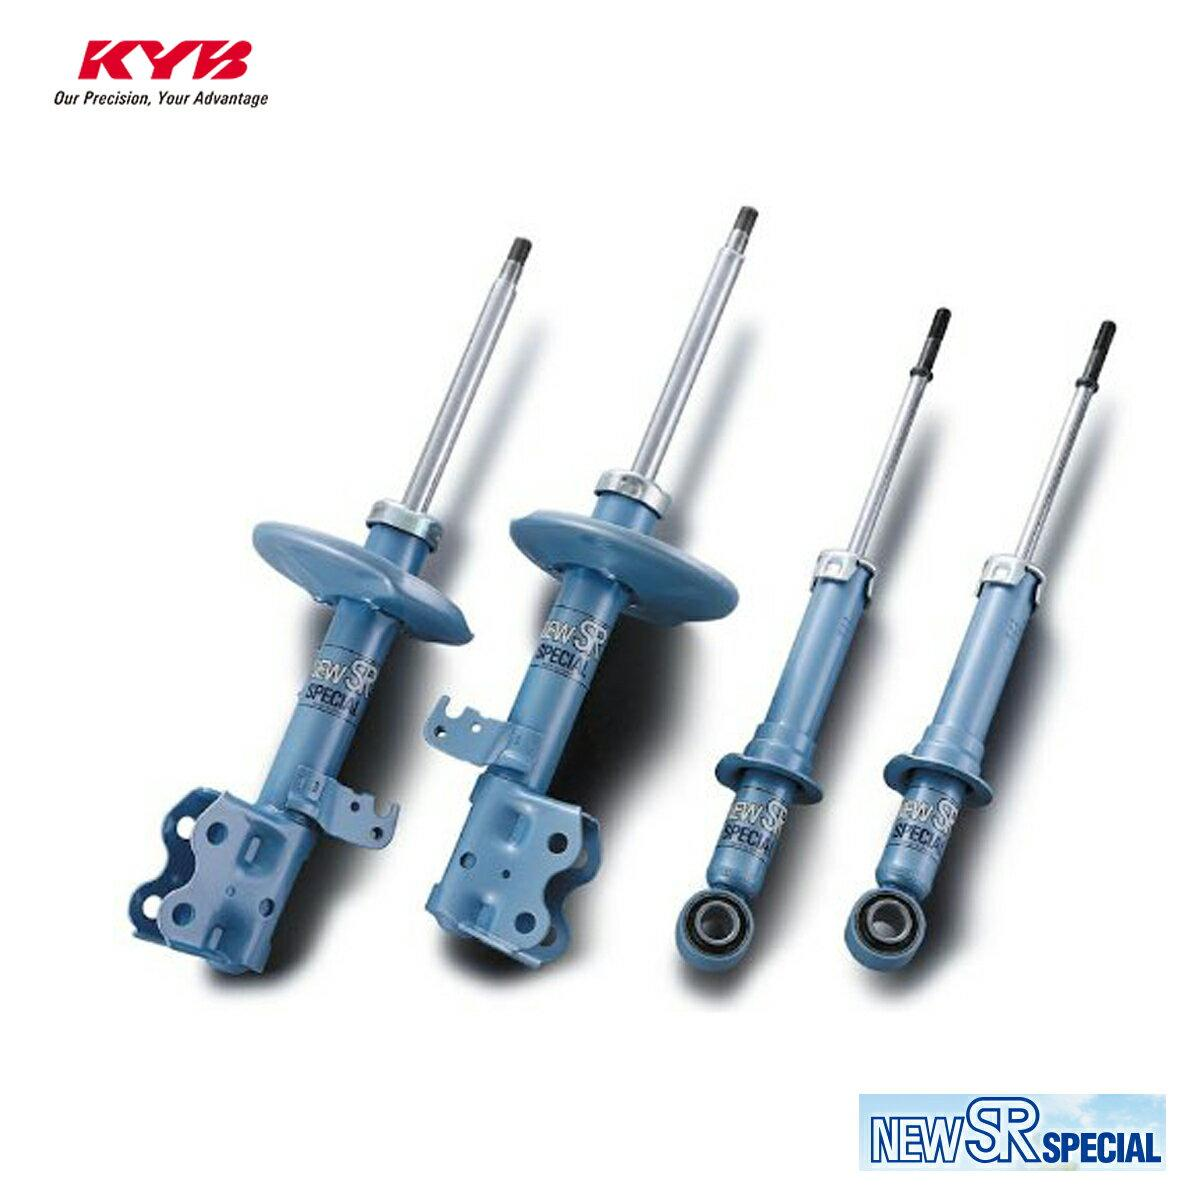 KYB カヤバ YRV M211G ショックアブソーバー フロント 右用 1本 NEW SR SPECIAL NST5249R 配送先条件有り